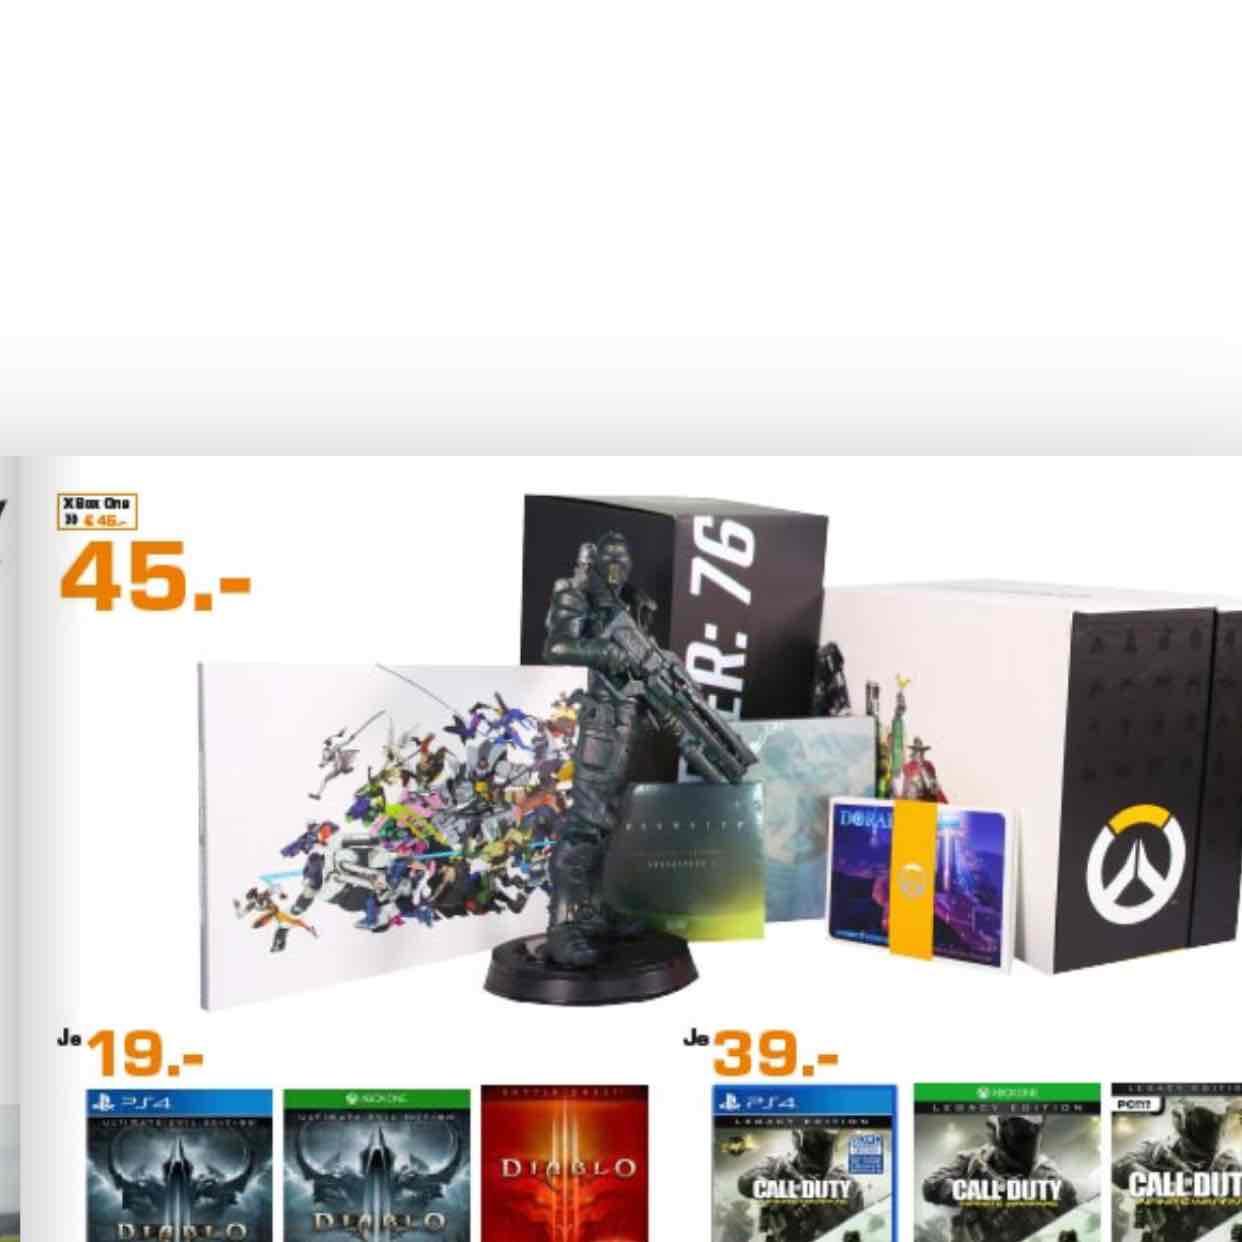 Lokal Saturn Märkte Hamburg & Norderstedt / Overwatch - Collector's Edition - [Xbox One] für 45€